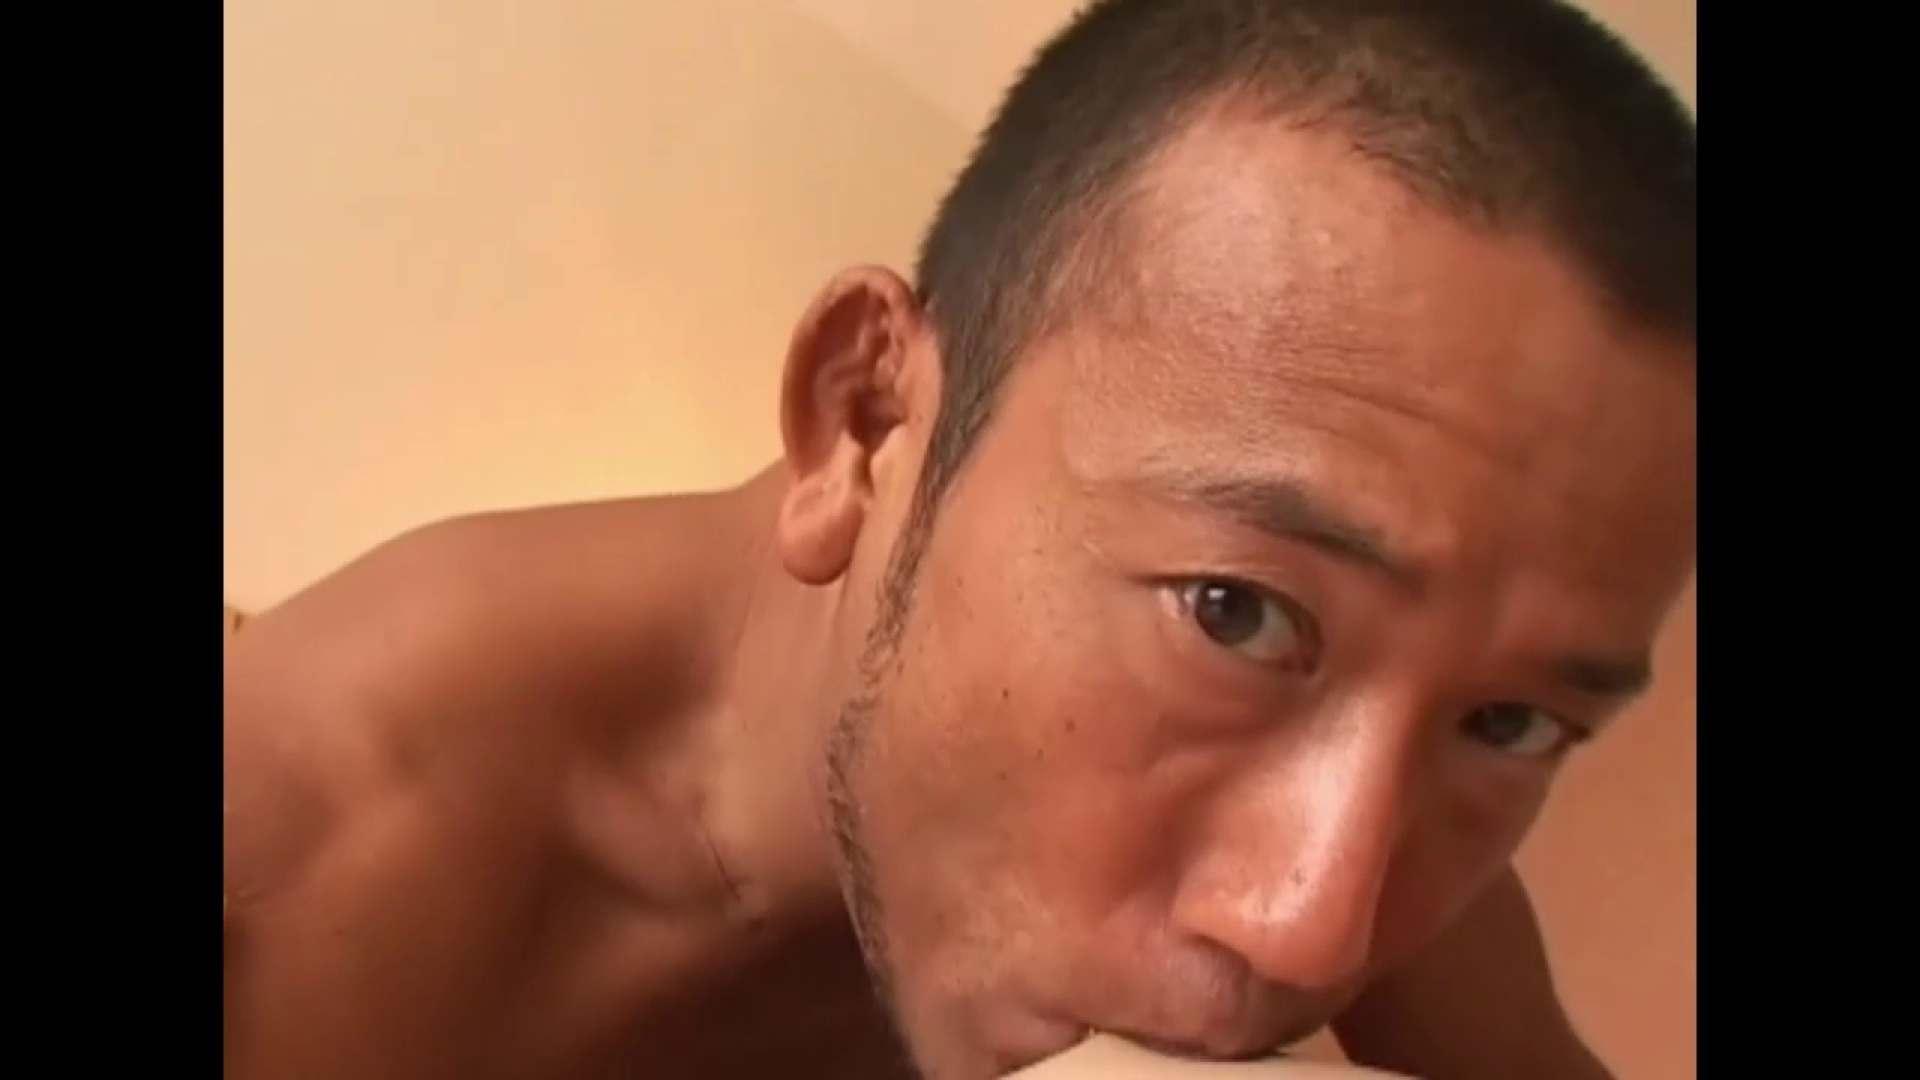 プロの本番を男目線で見て見た。 入浴・シャワー丸見え ゲイ無修正ビデオ画像 106pic 93